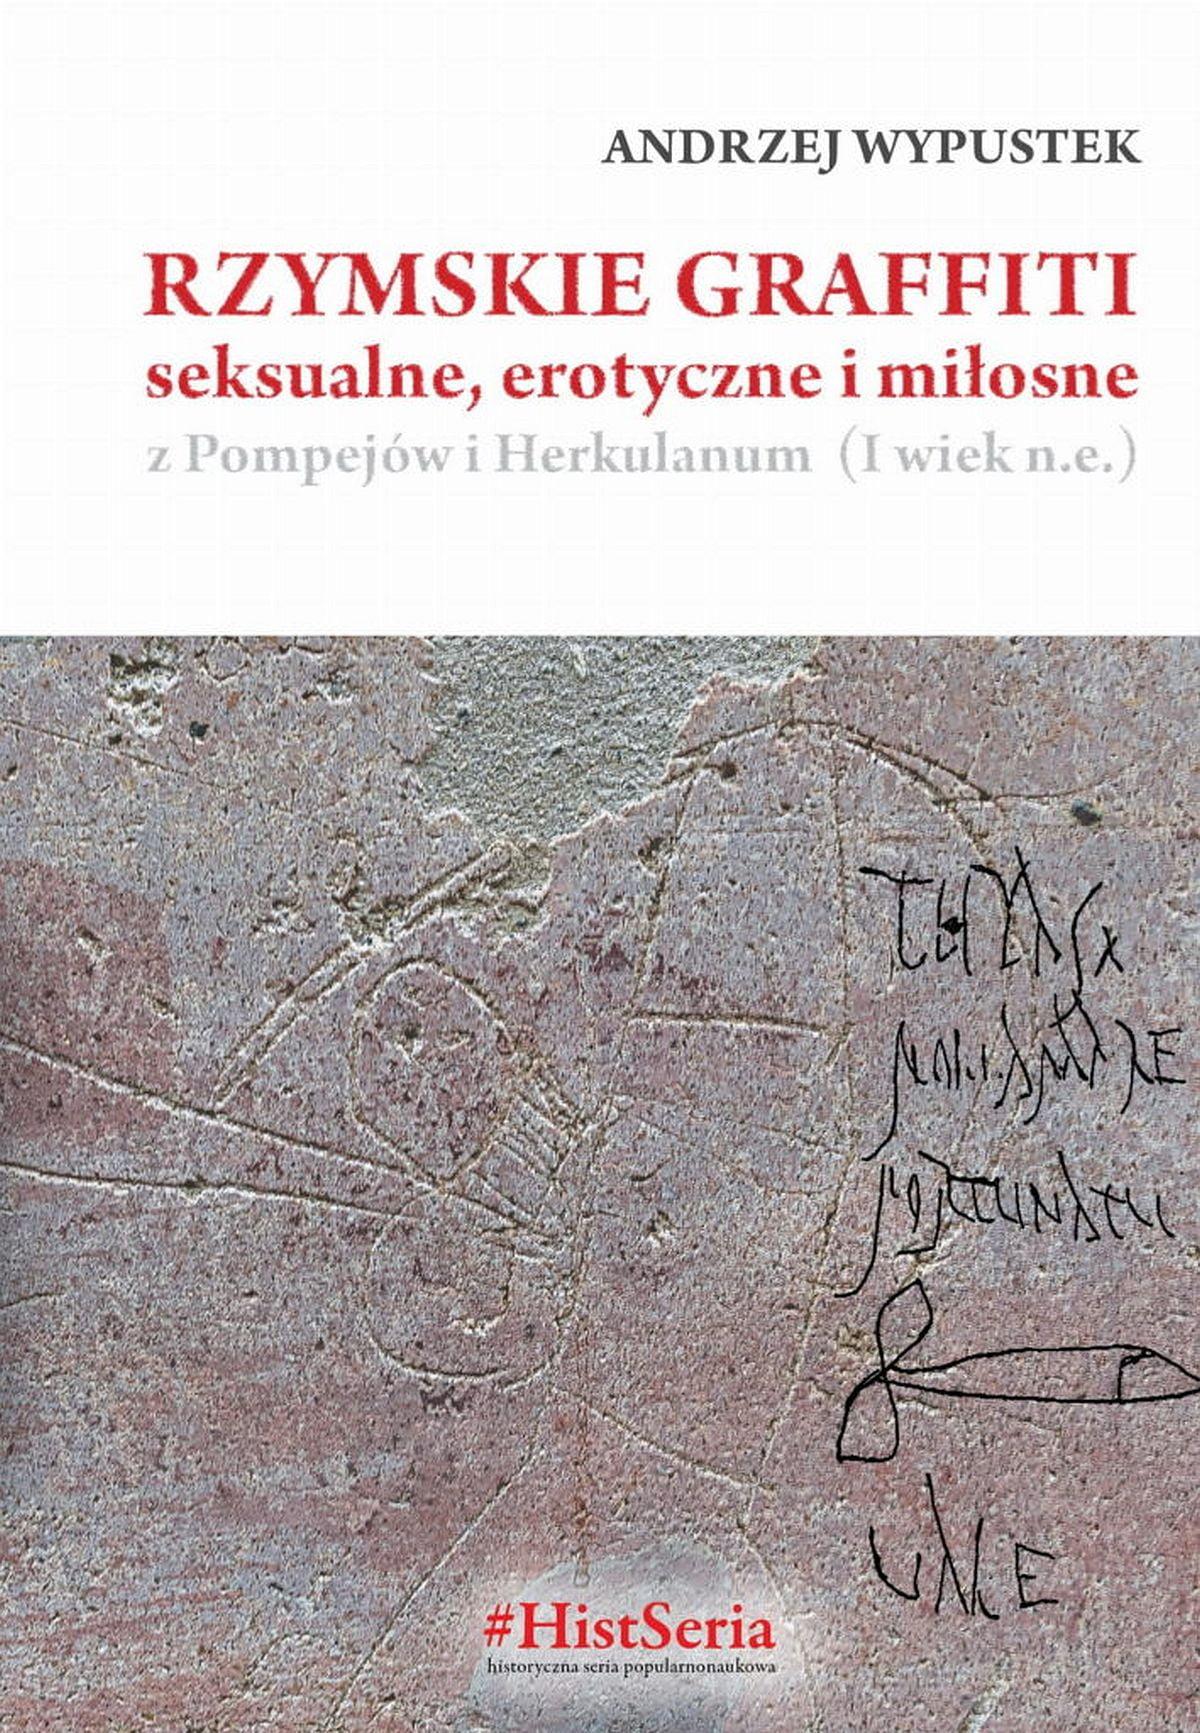 Rzymskie graffiti seksualne, erotyczne i miłosne